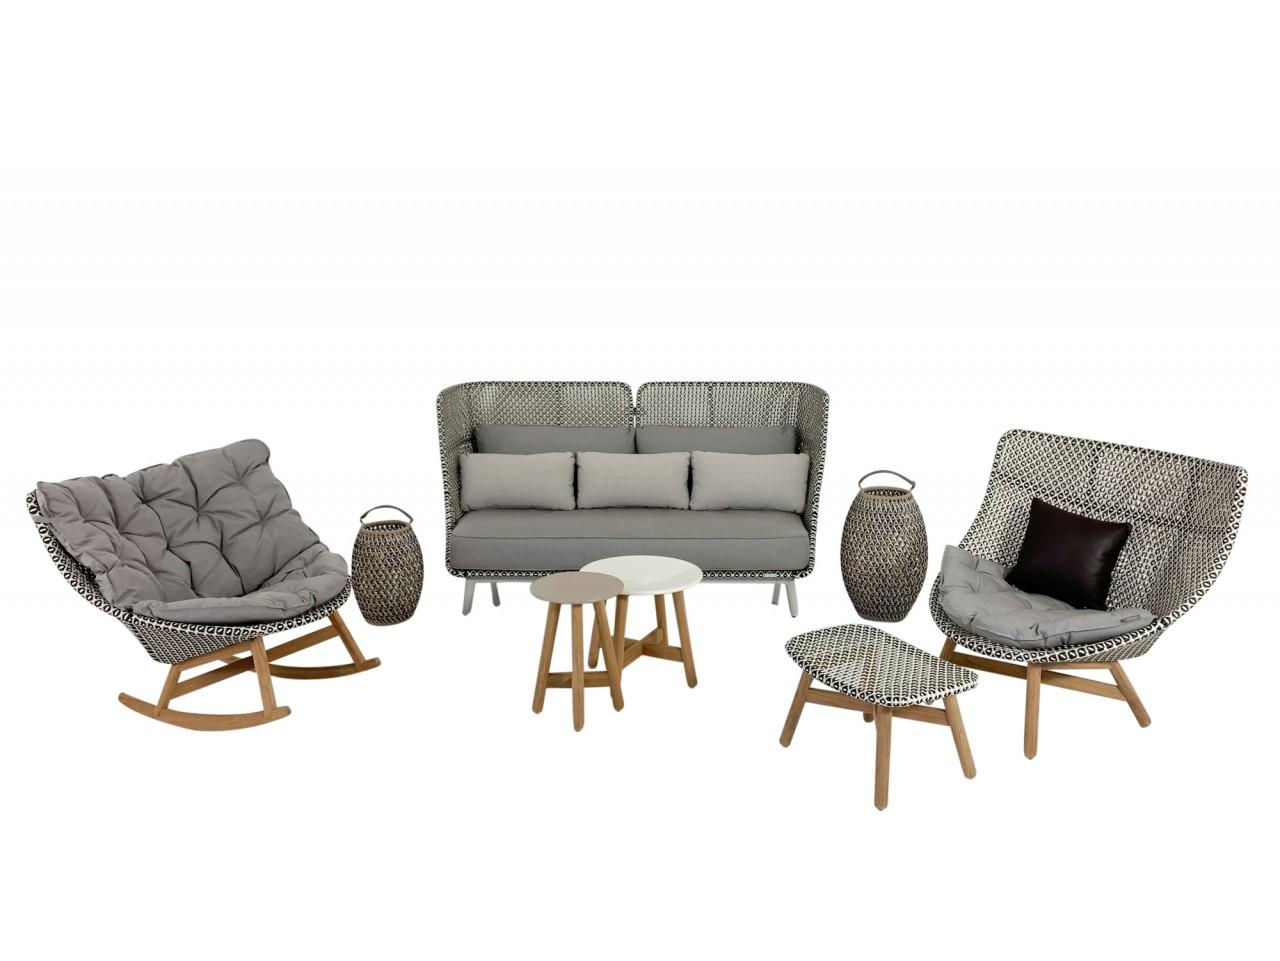 DEDON MBARQ Sofa und MBRACE Sessel in pepper als wunderschönes Gartenmöbel Set mit Tischen & Laterne